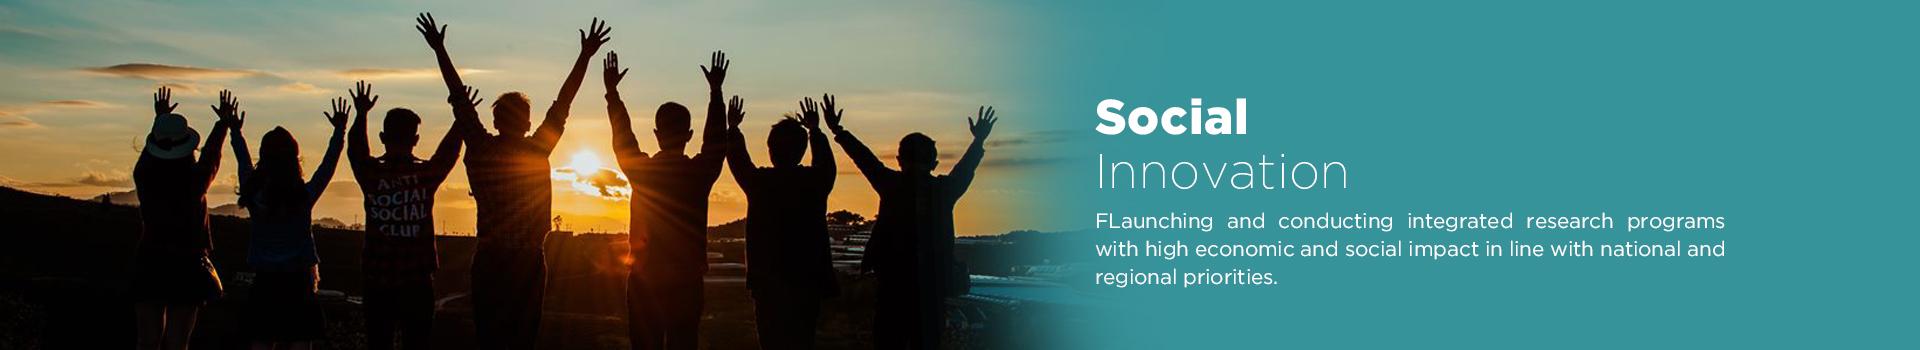 Social innovation header(1)